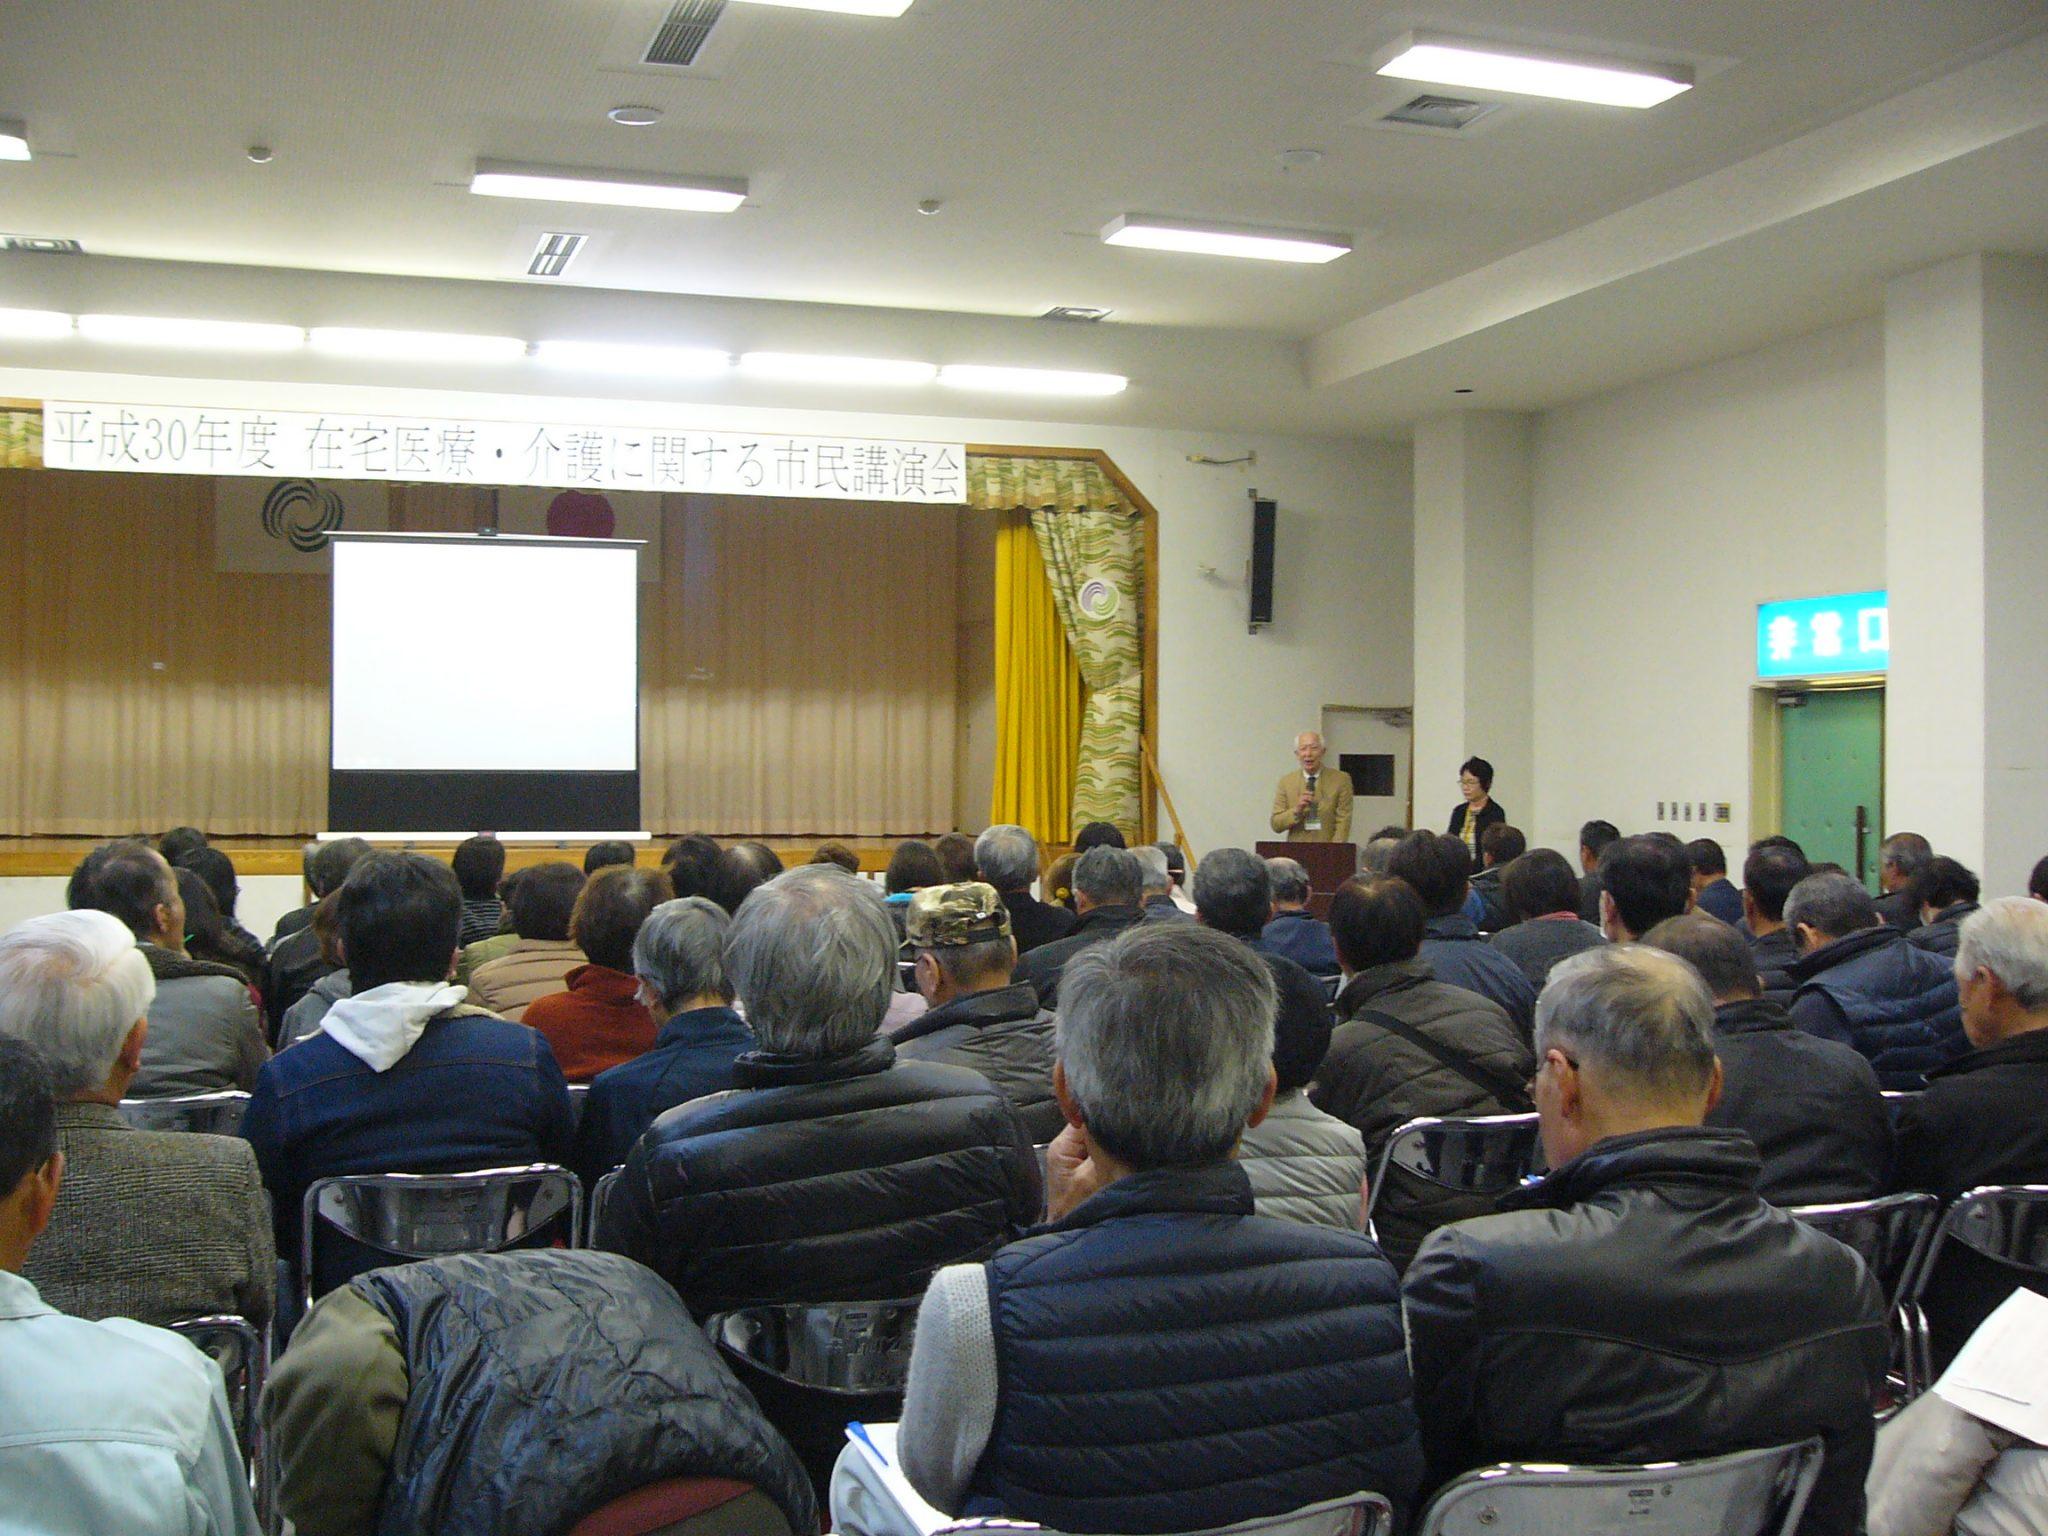 平成30年度 在宅医療・介護に関する市民講演会を開催しました。